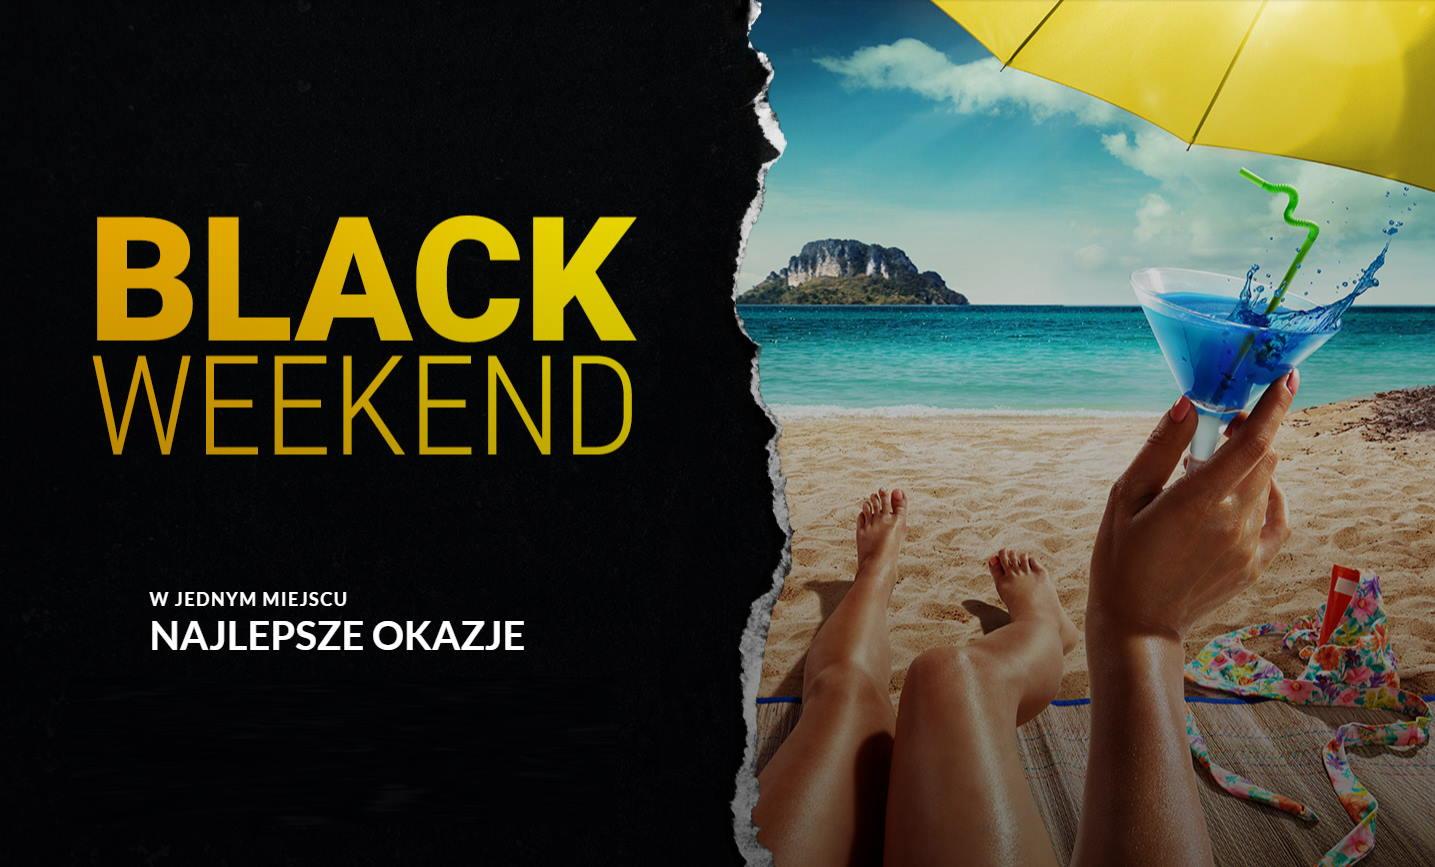 Black Friday także w wakacje.pl – znajdziecie tam fajne okazje na wycieczki zorganizowane!